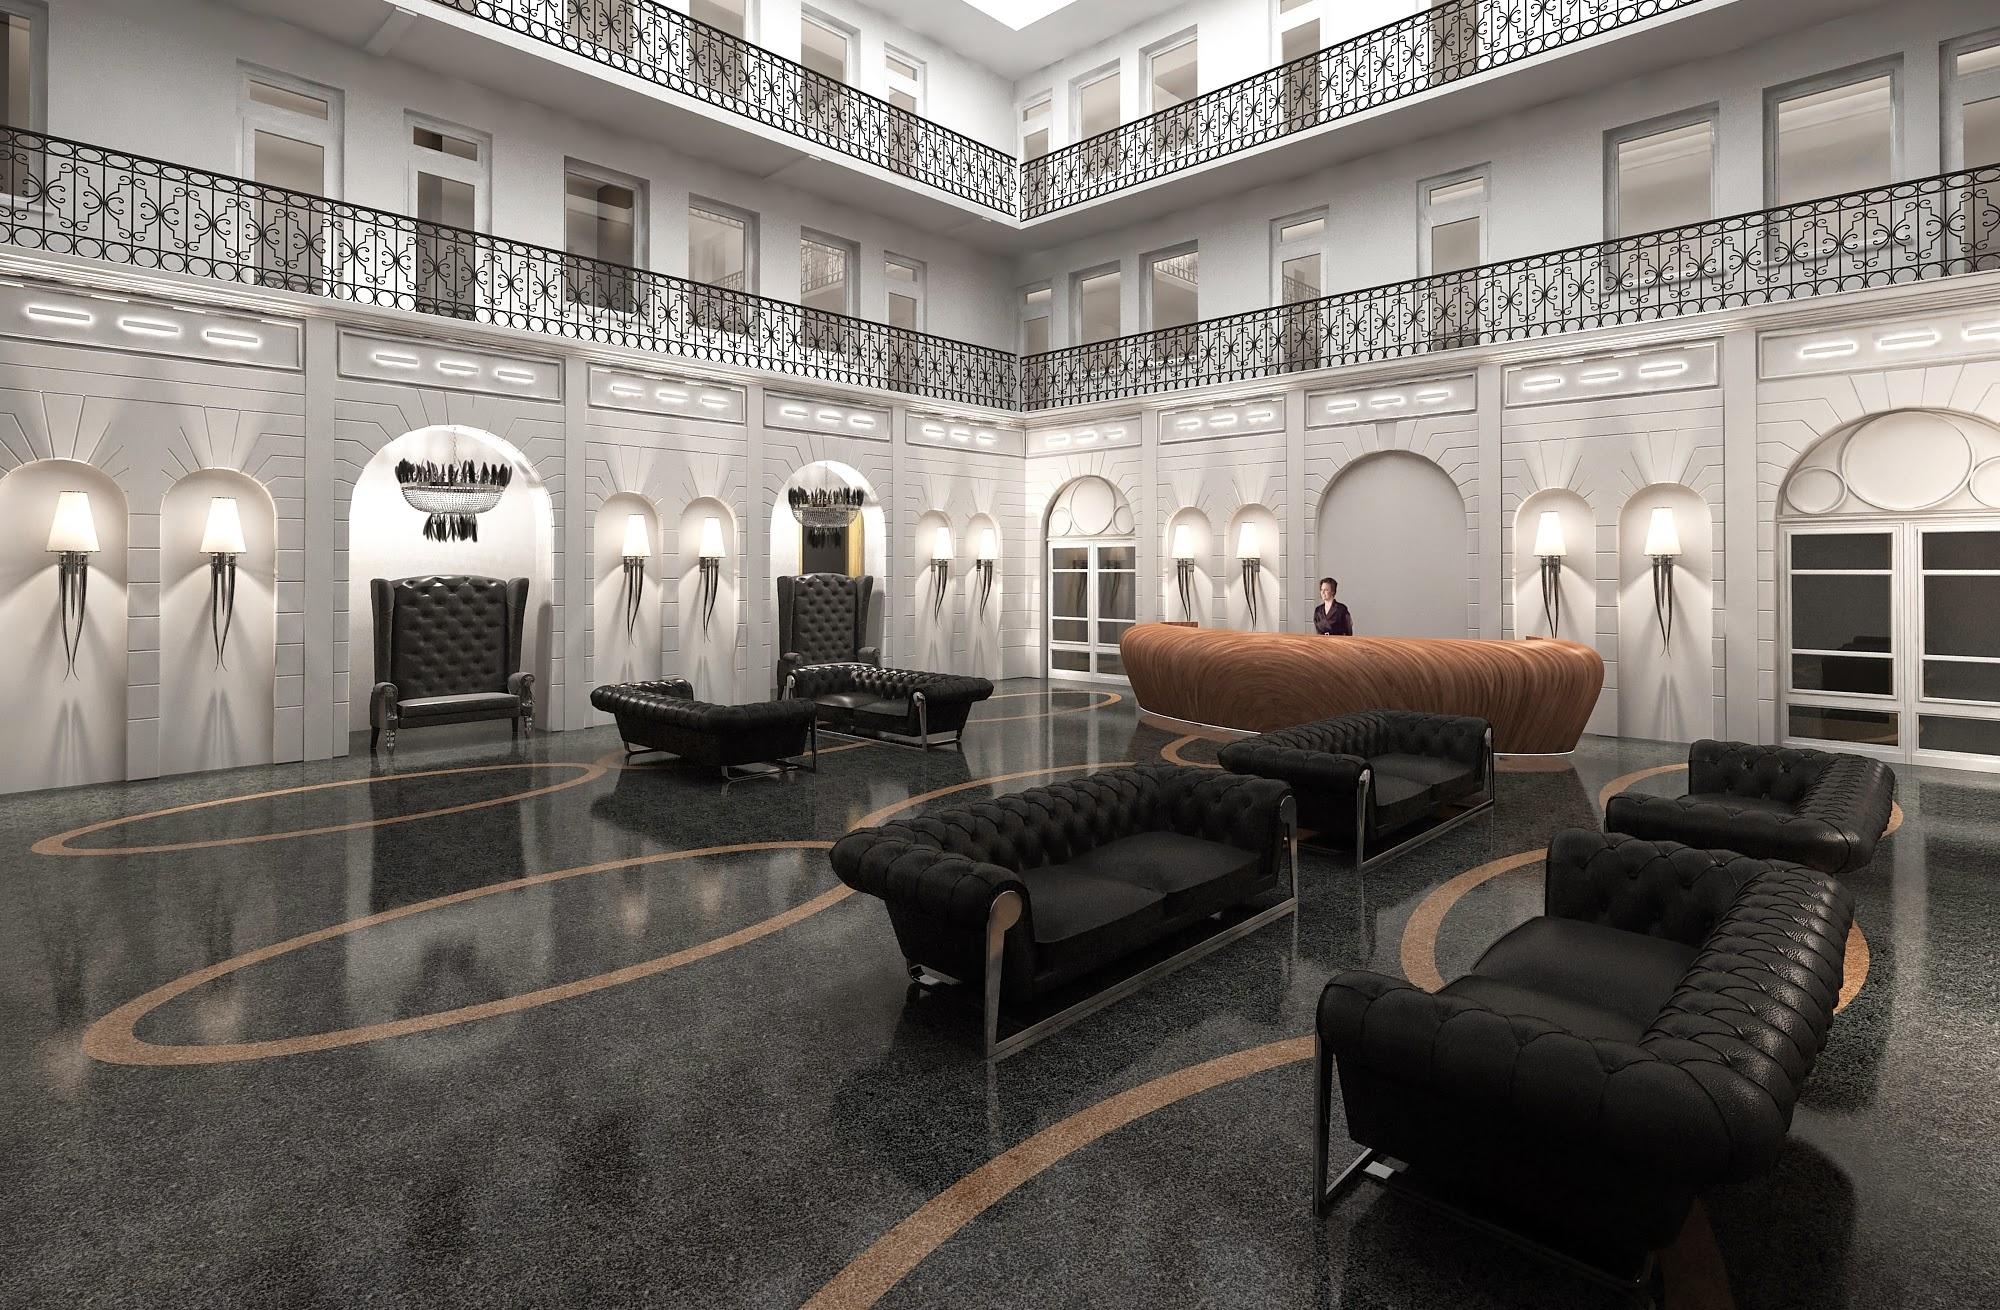 prestige_hotel_budapest_lobby.jpg